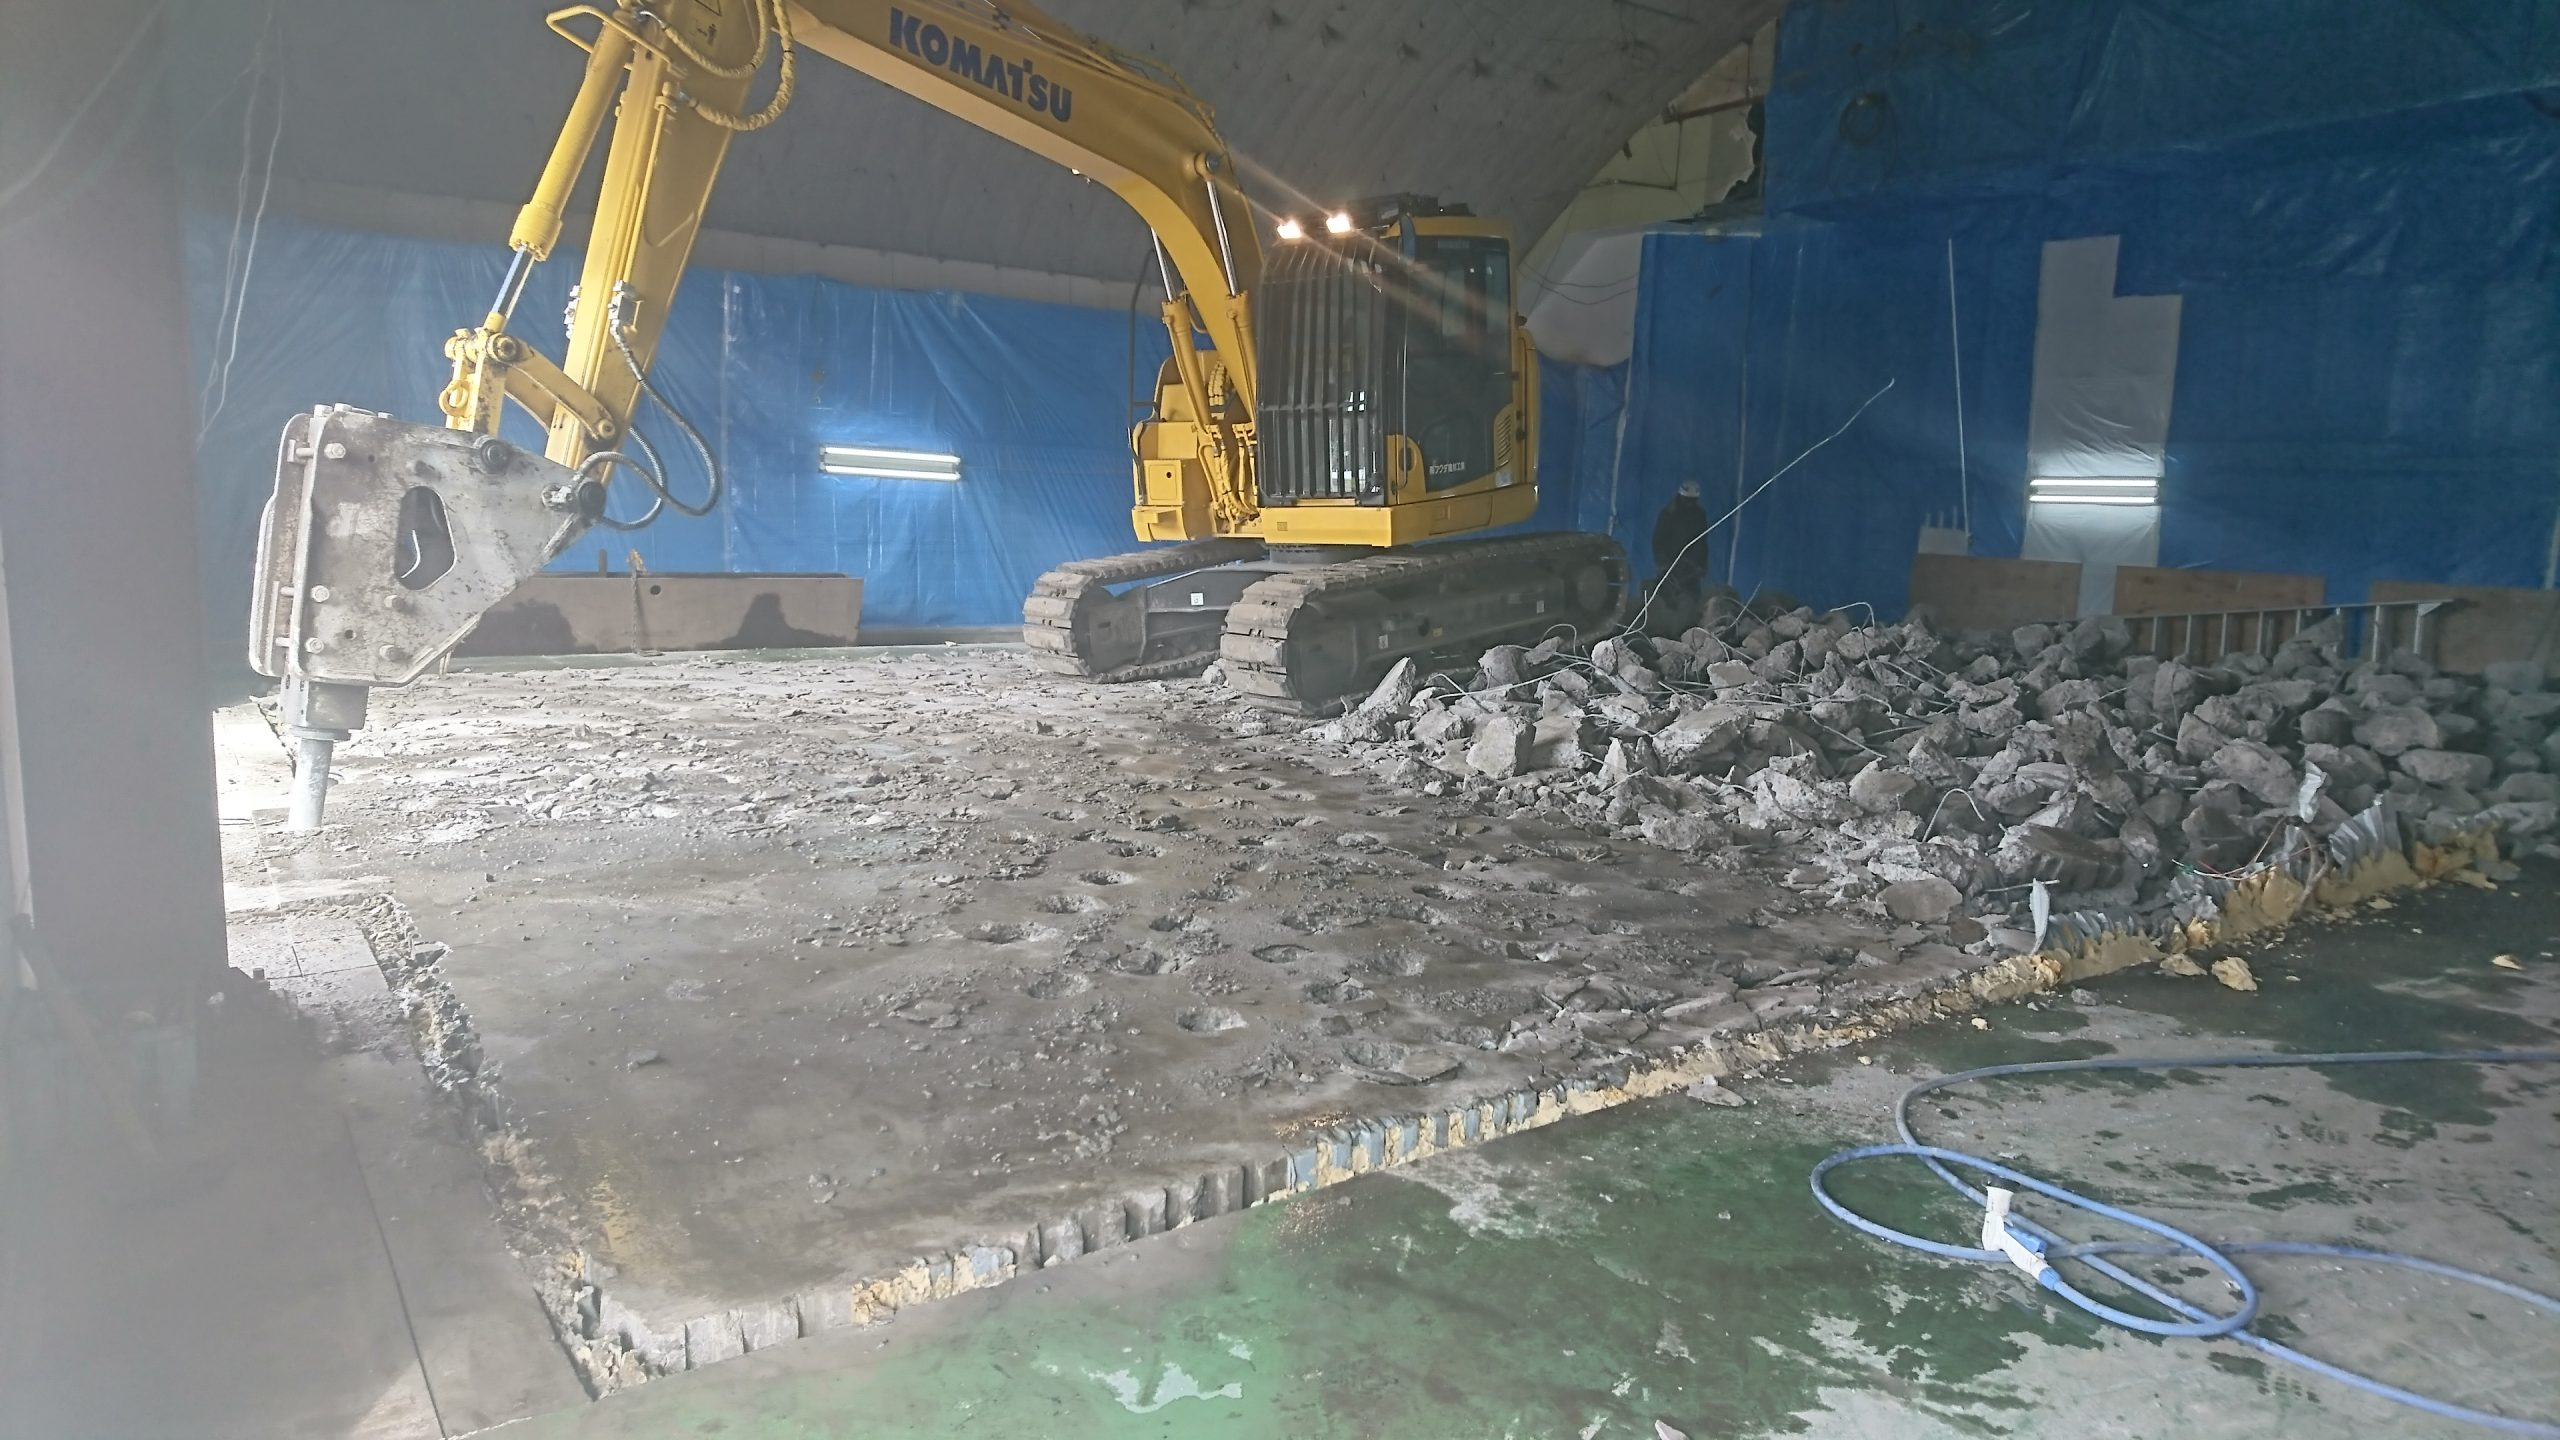 床凍上コンクリート解体